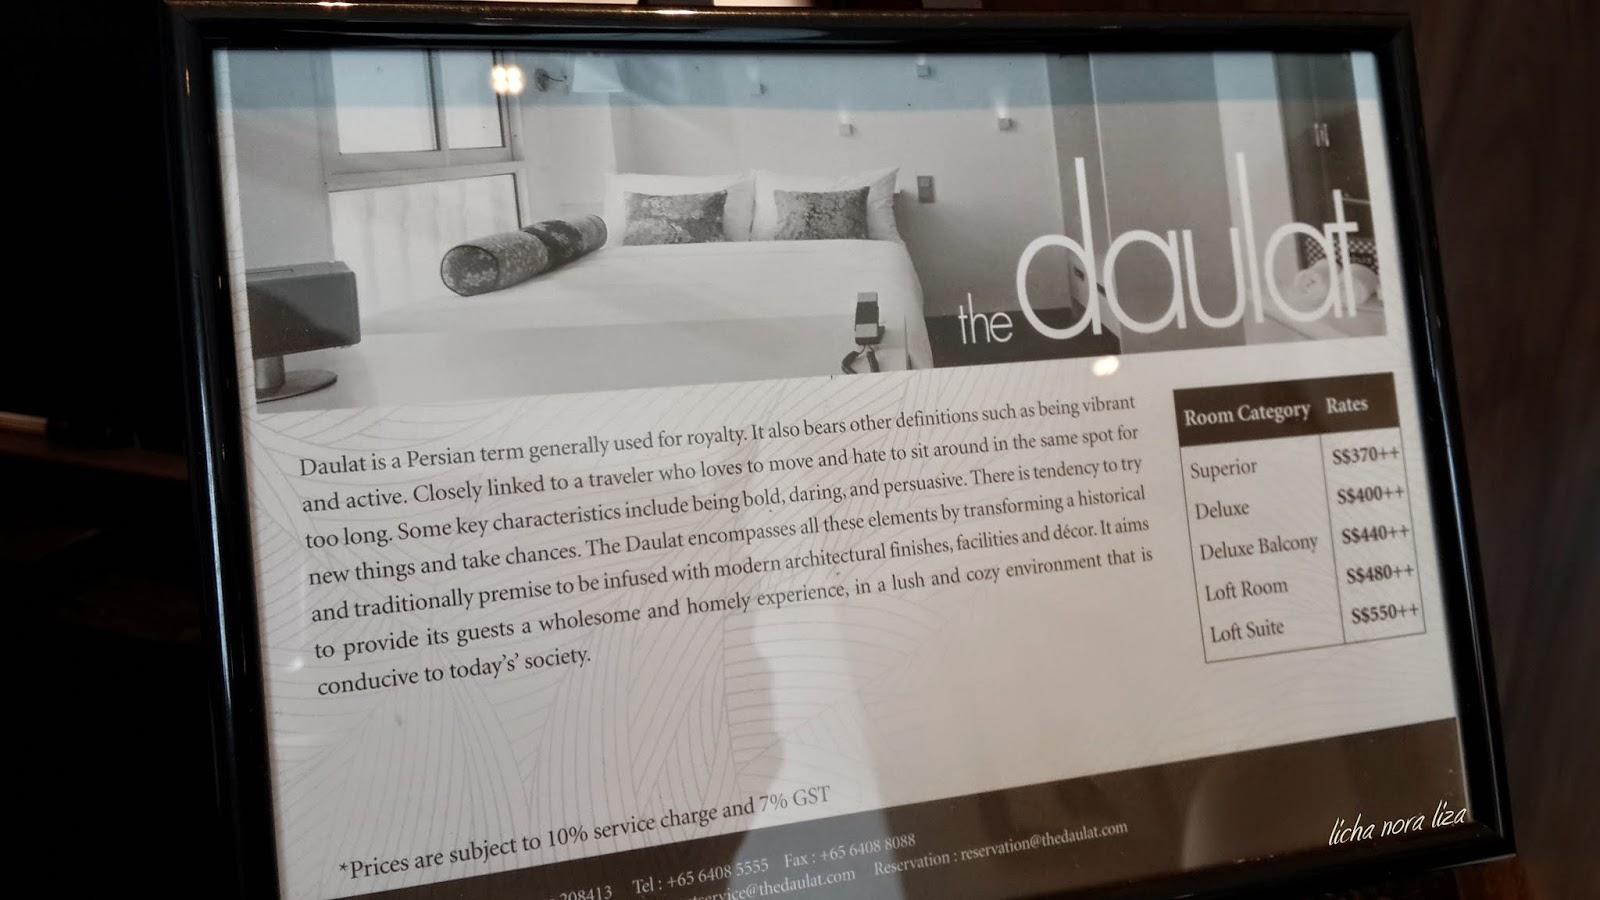 www.thedaulat.com